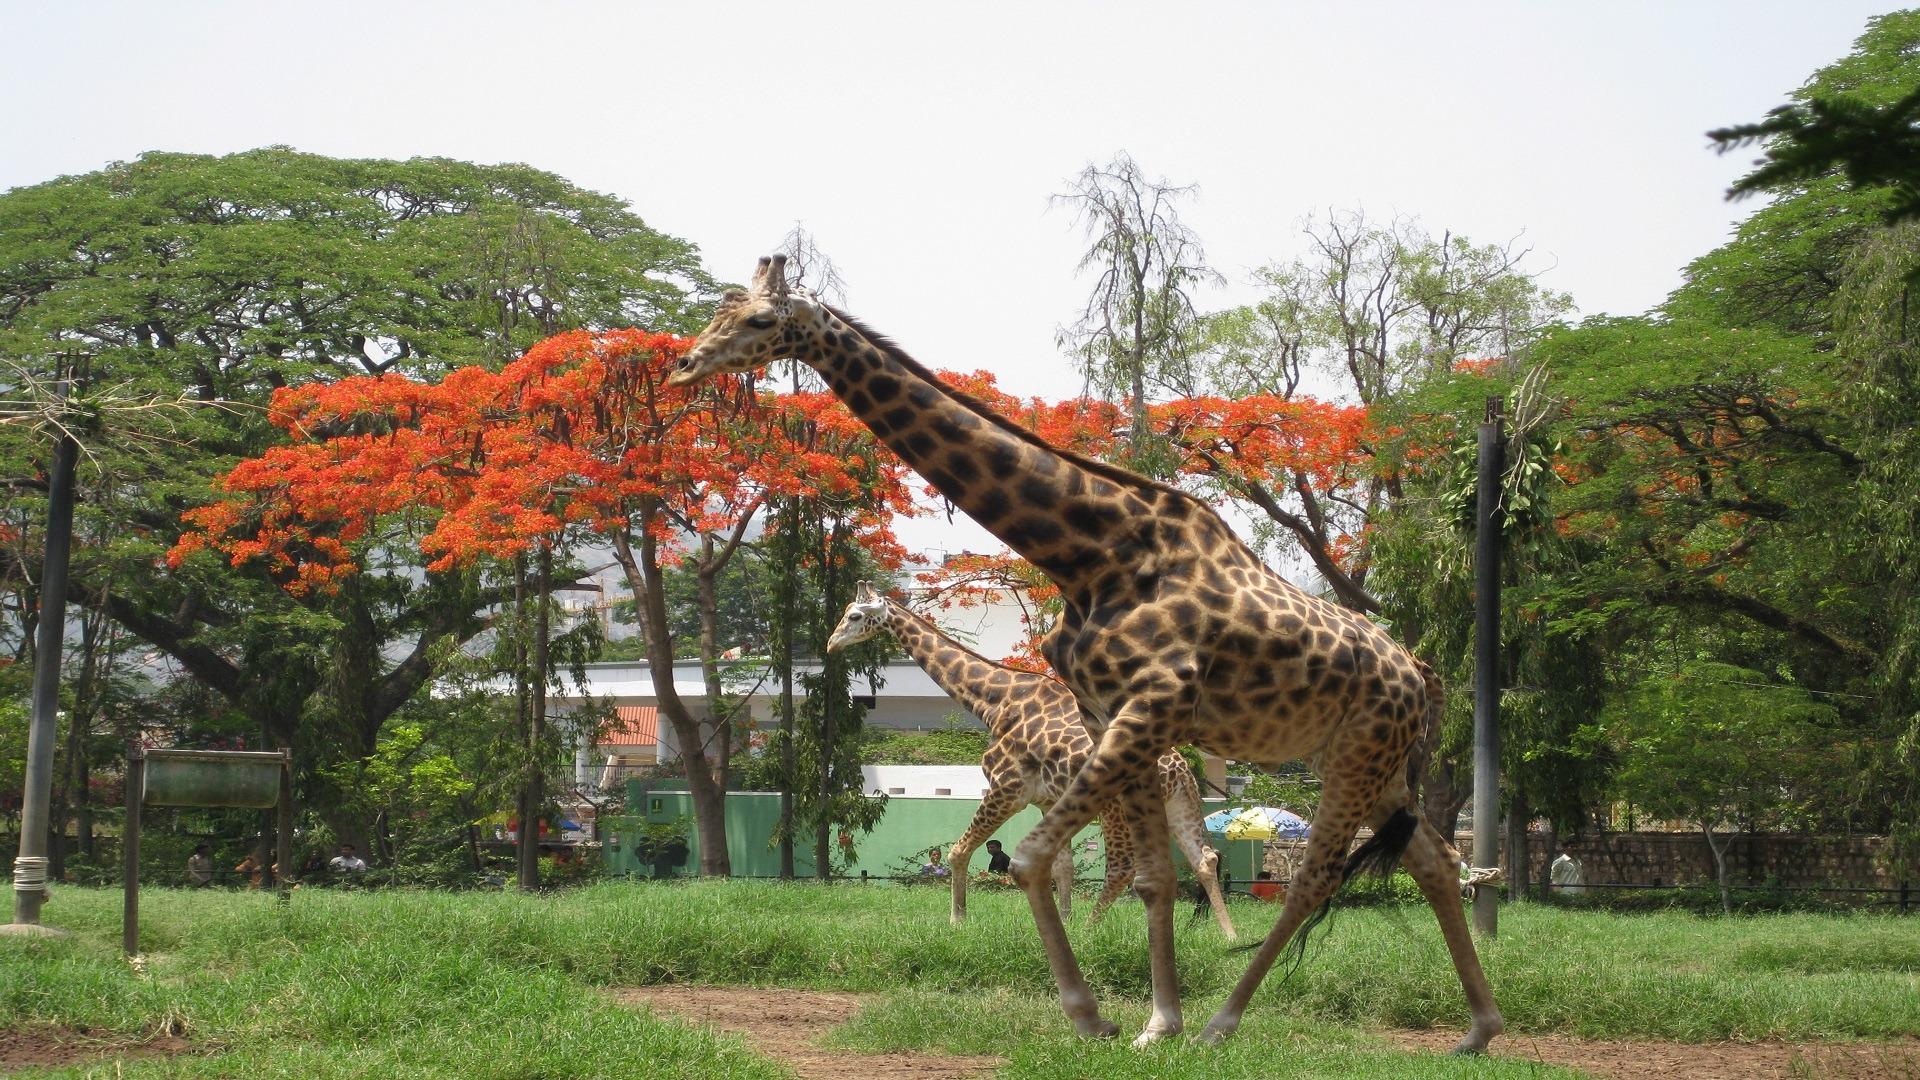 two giraffe walking in a garden